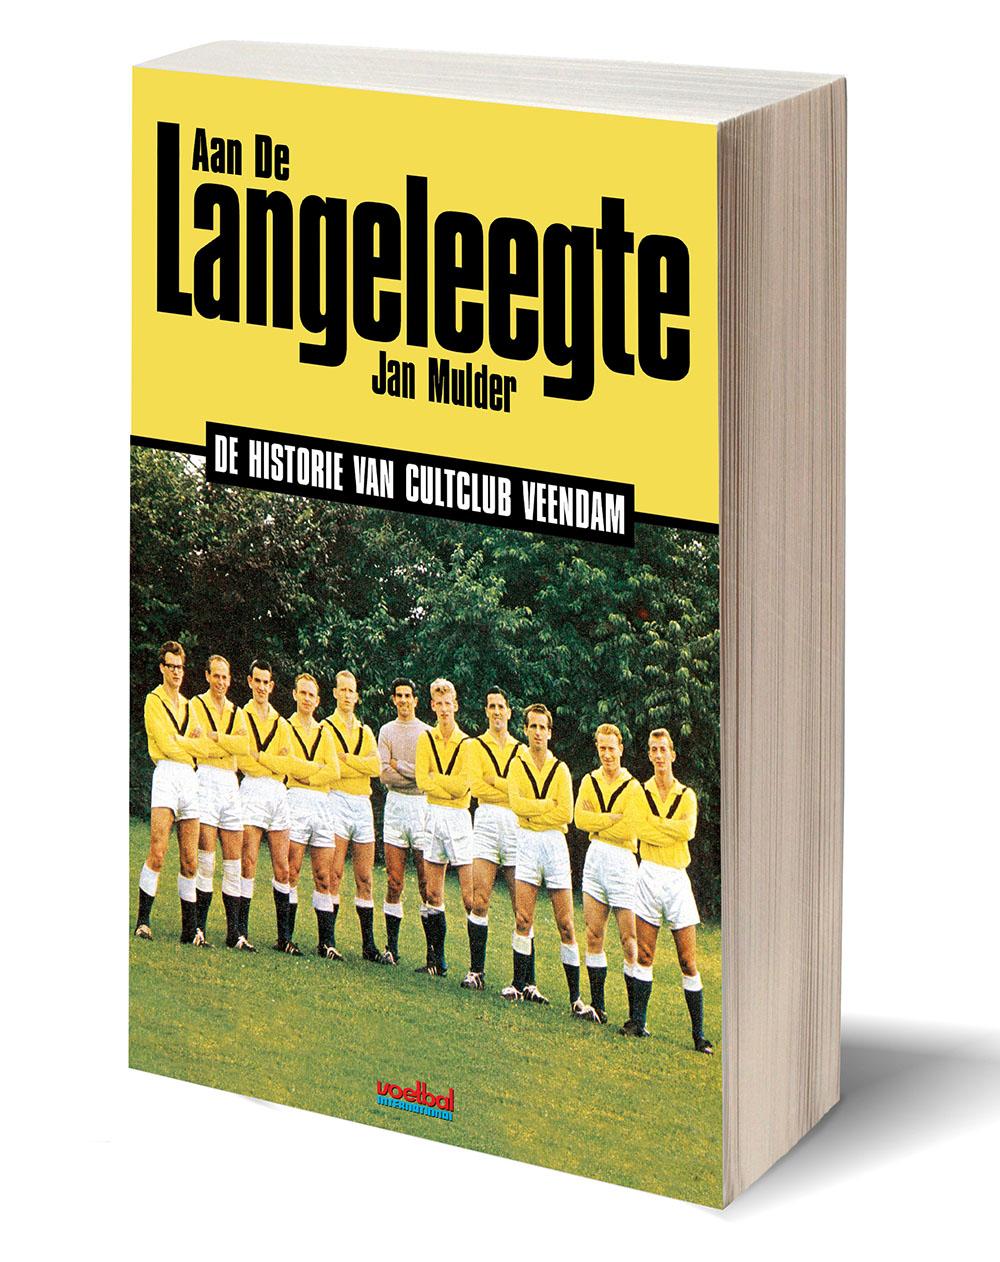 Cover 'Aan De Langeleegte'